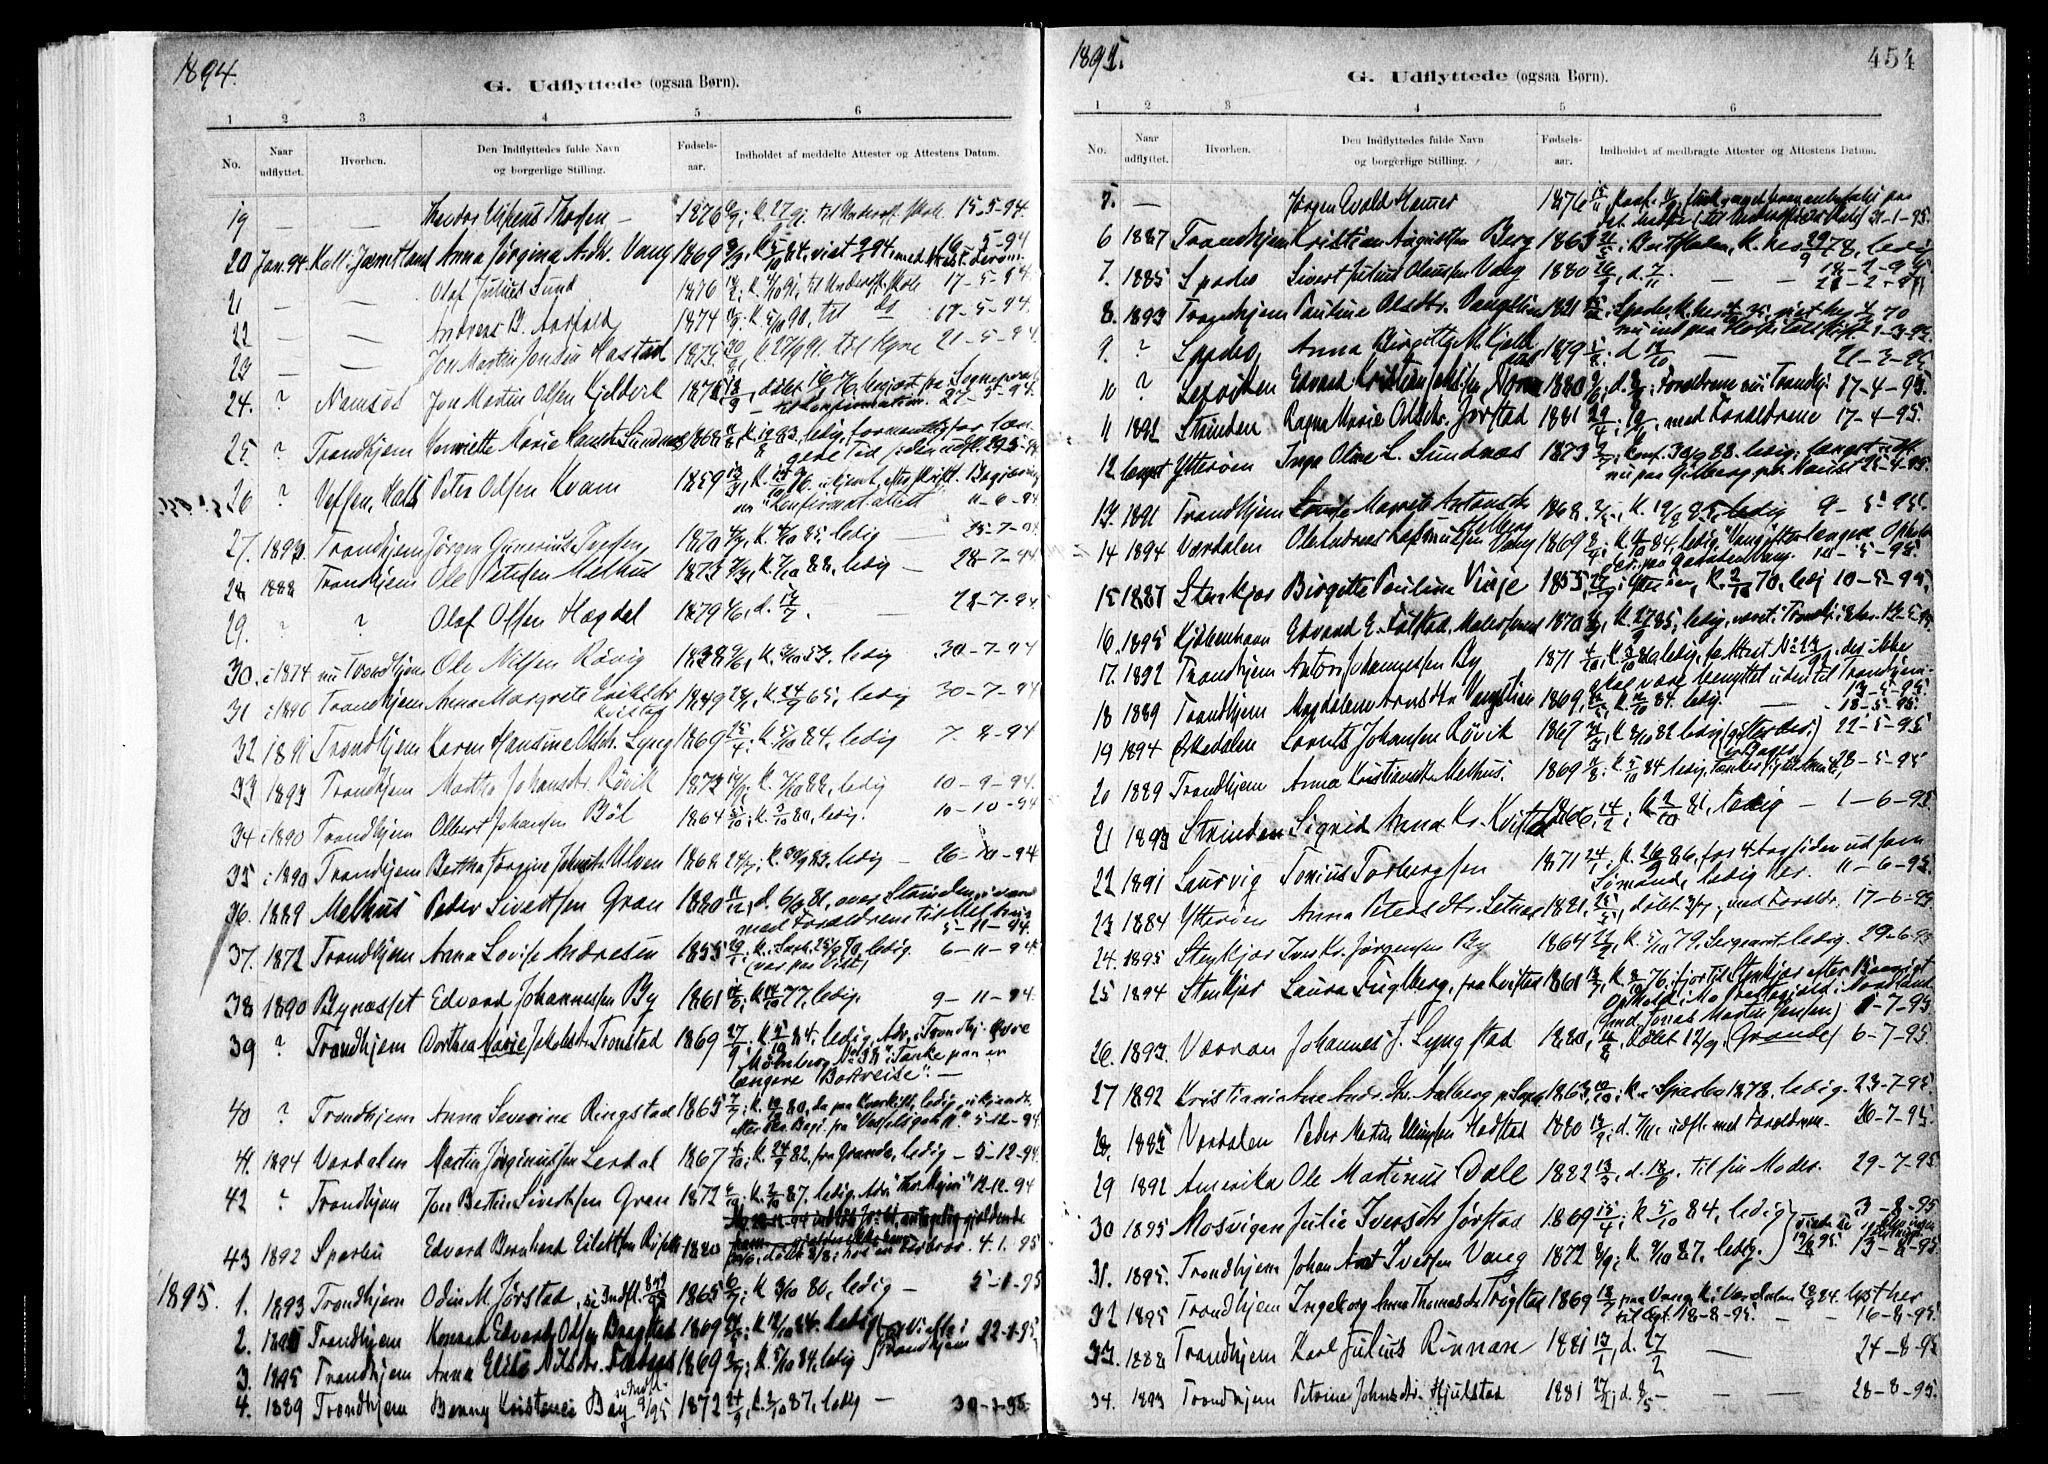 SAT, Ministerialprotokoller, klokkerbøker og fødselsregistre - Nord-Trøndelag, 730/L0285: Ministerialbok nr. 730A10, 1879-1914, s. 454